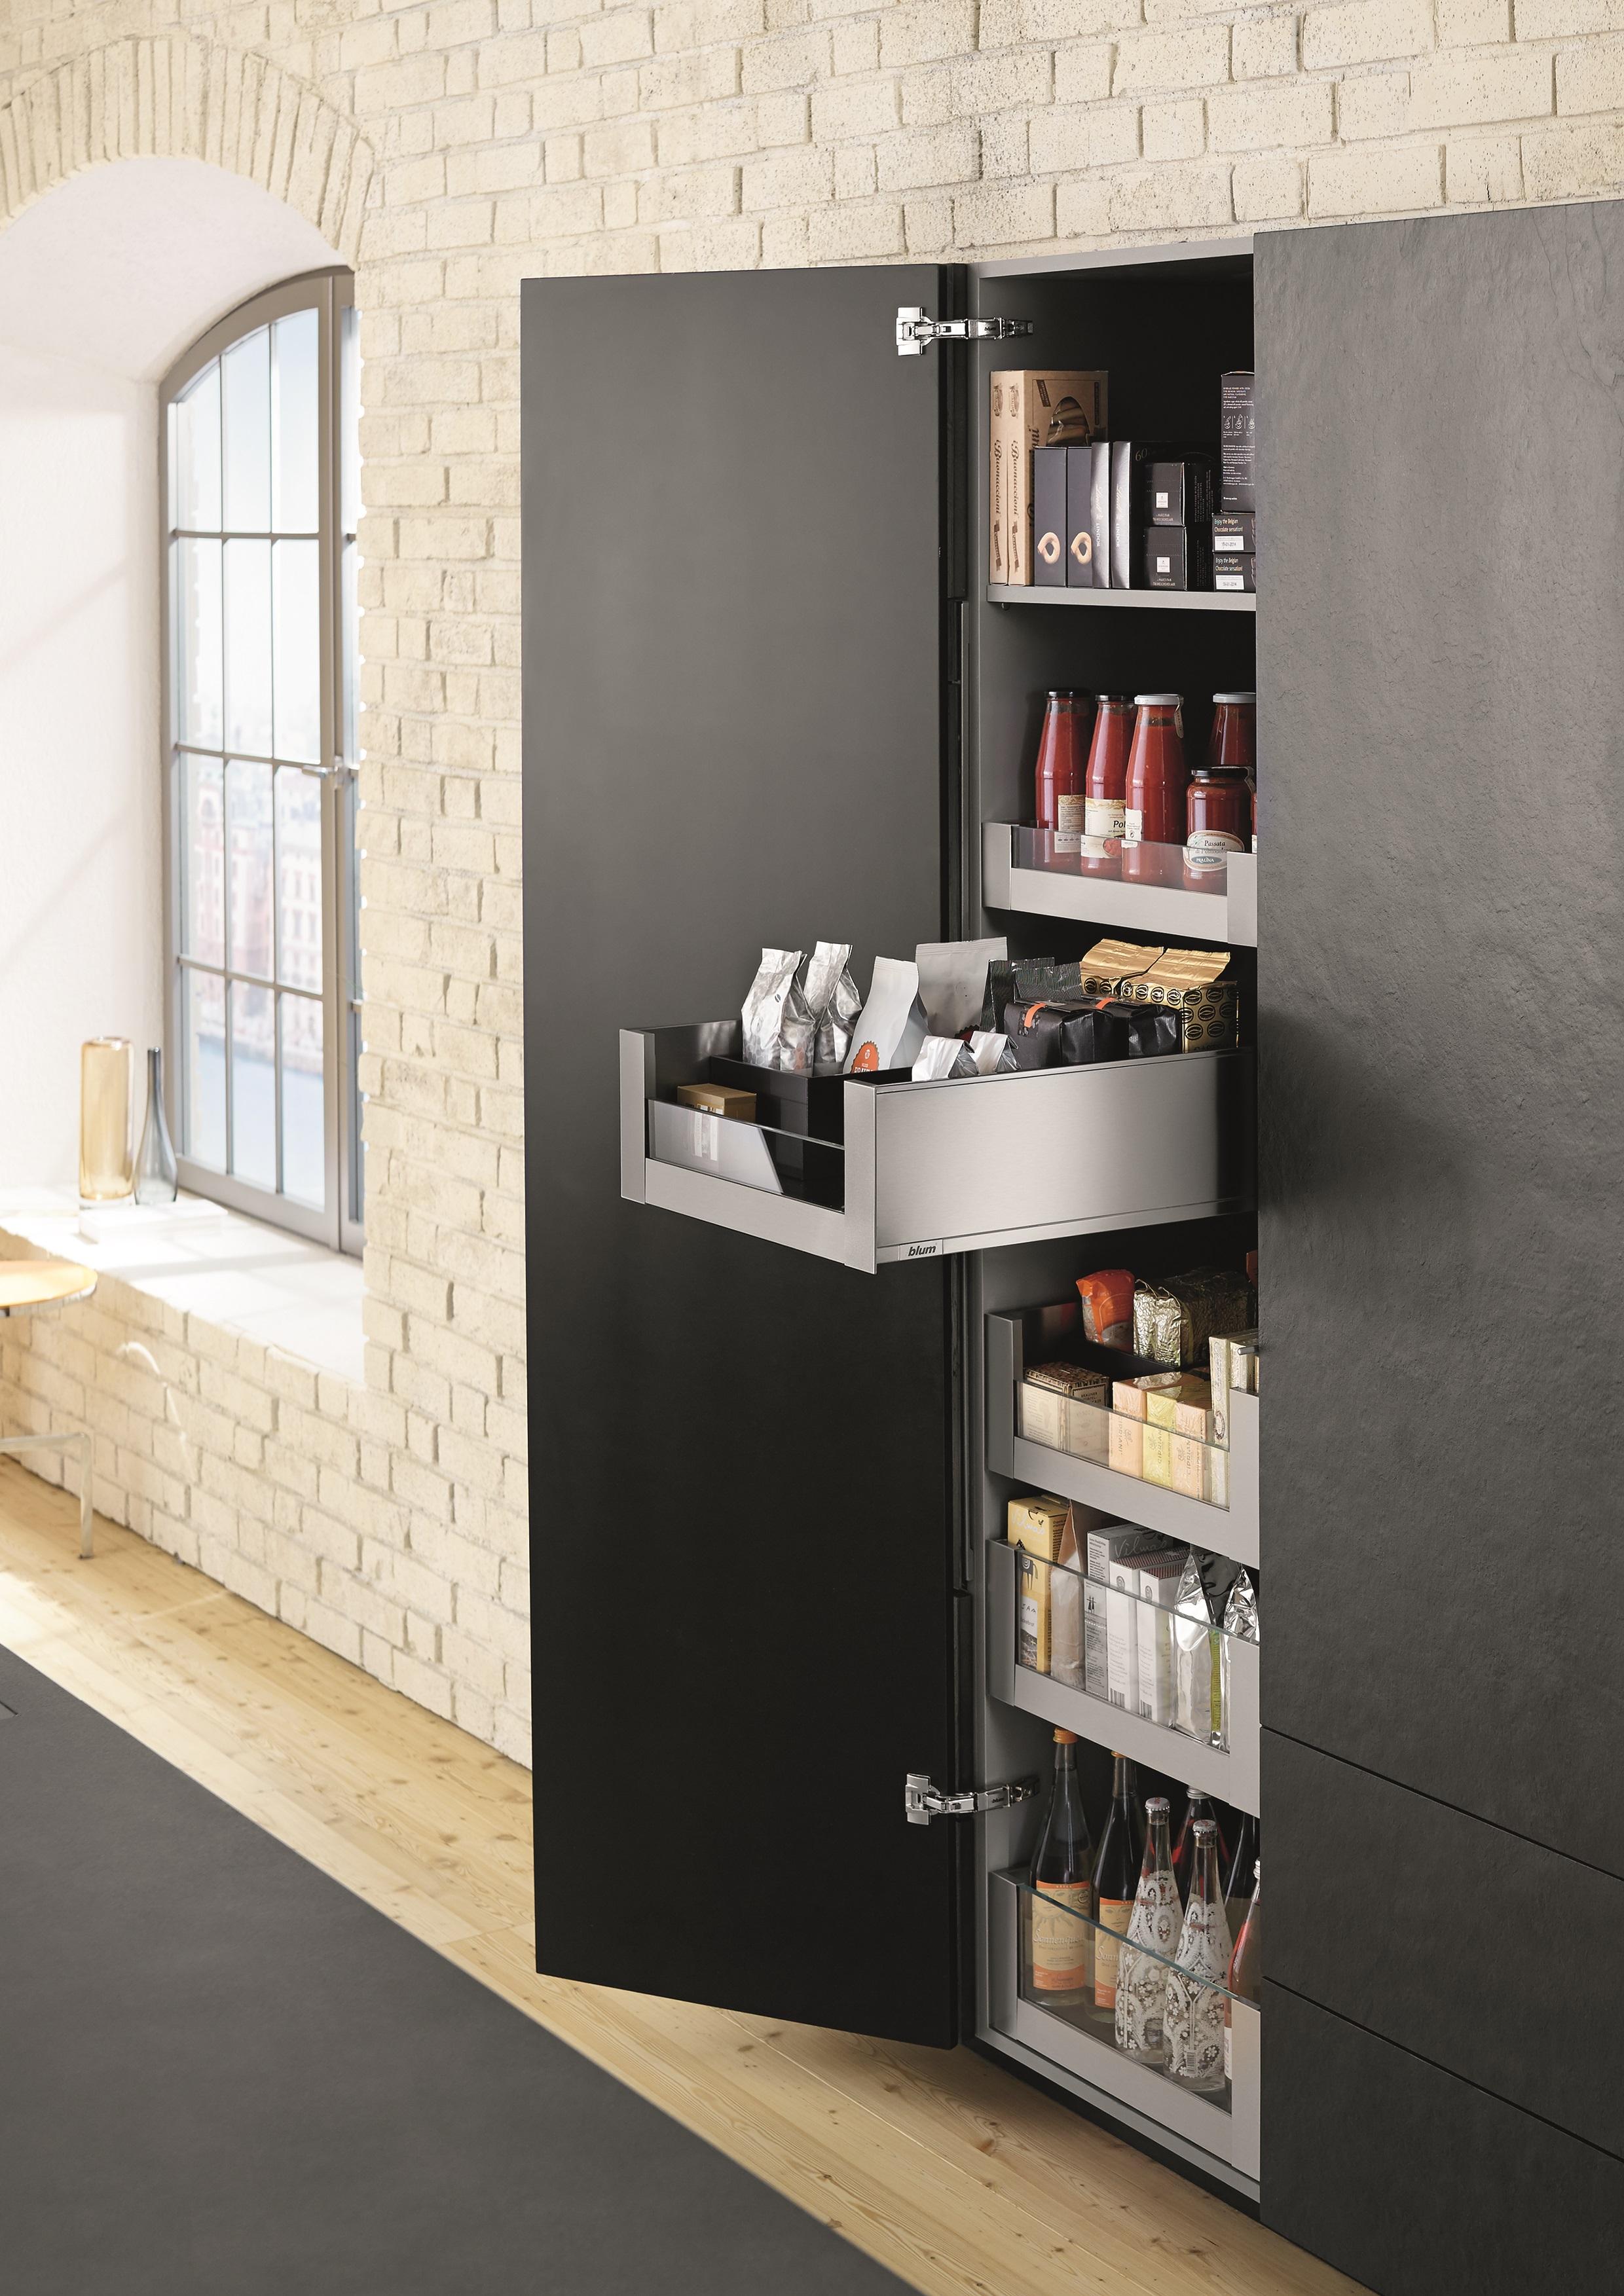 De ideale keukenlade met Legrabox van Blum   Nieuws Startpagina voor keuken idee u00ebn   UW keuken nl